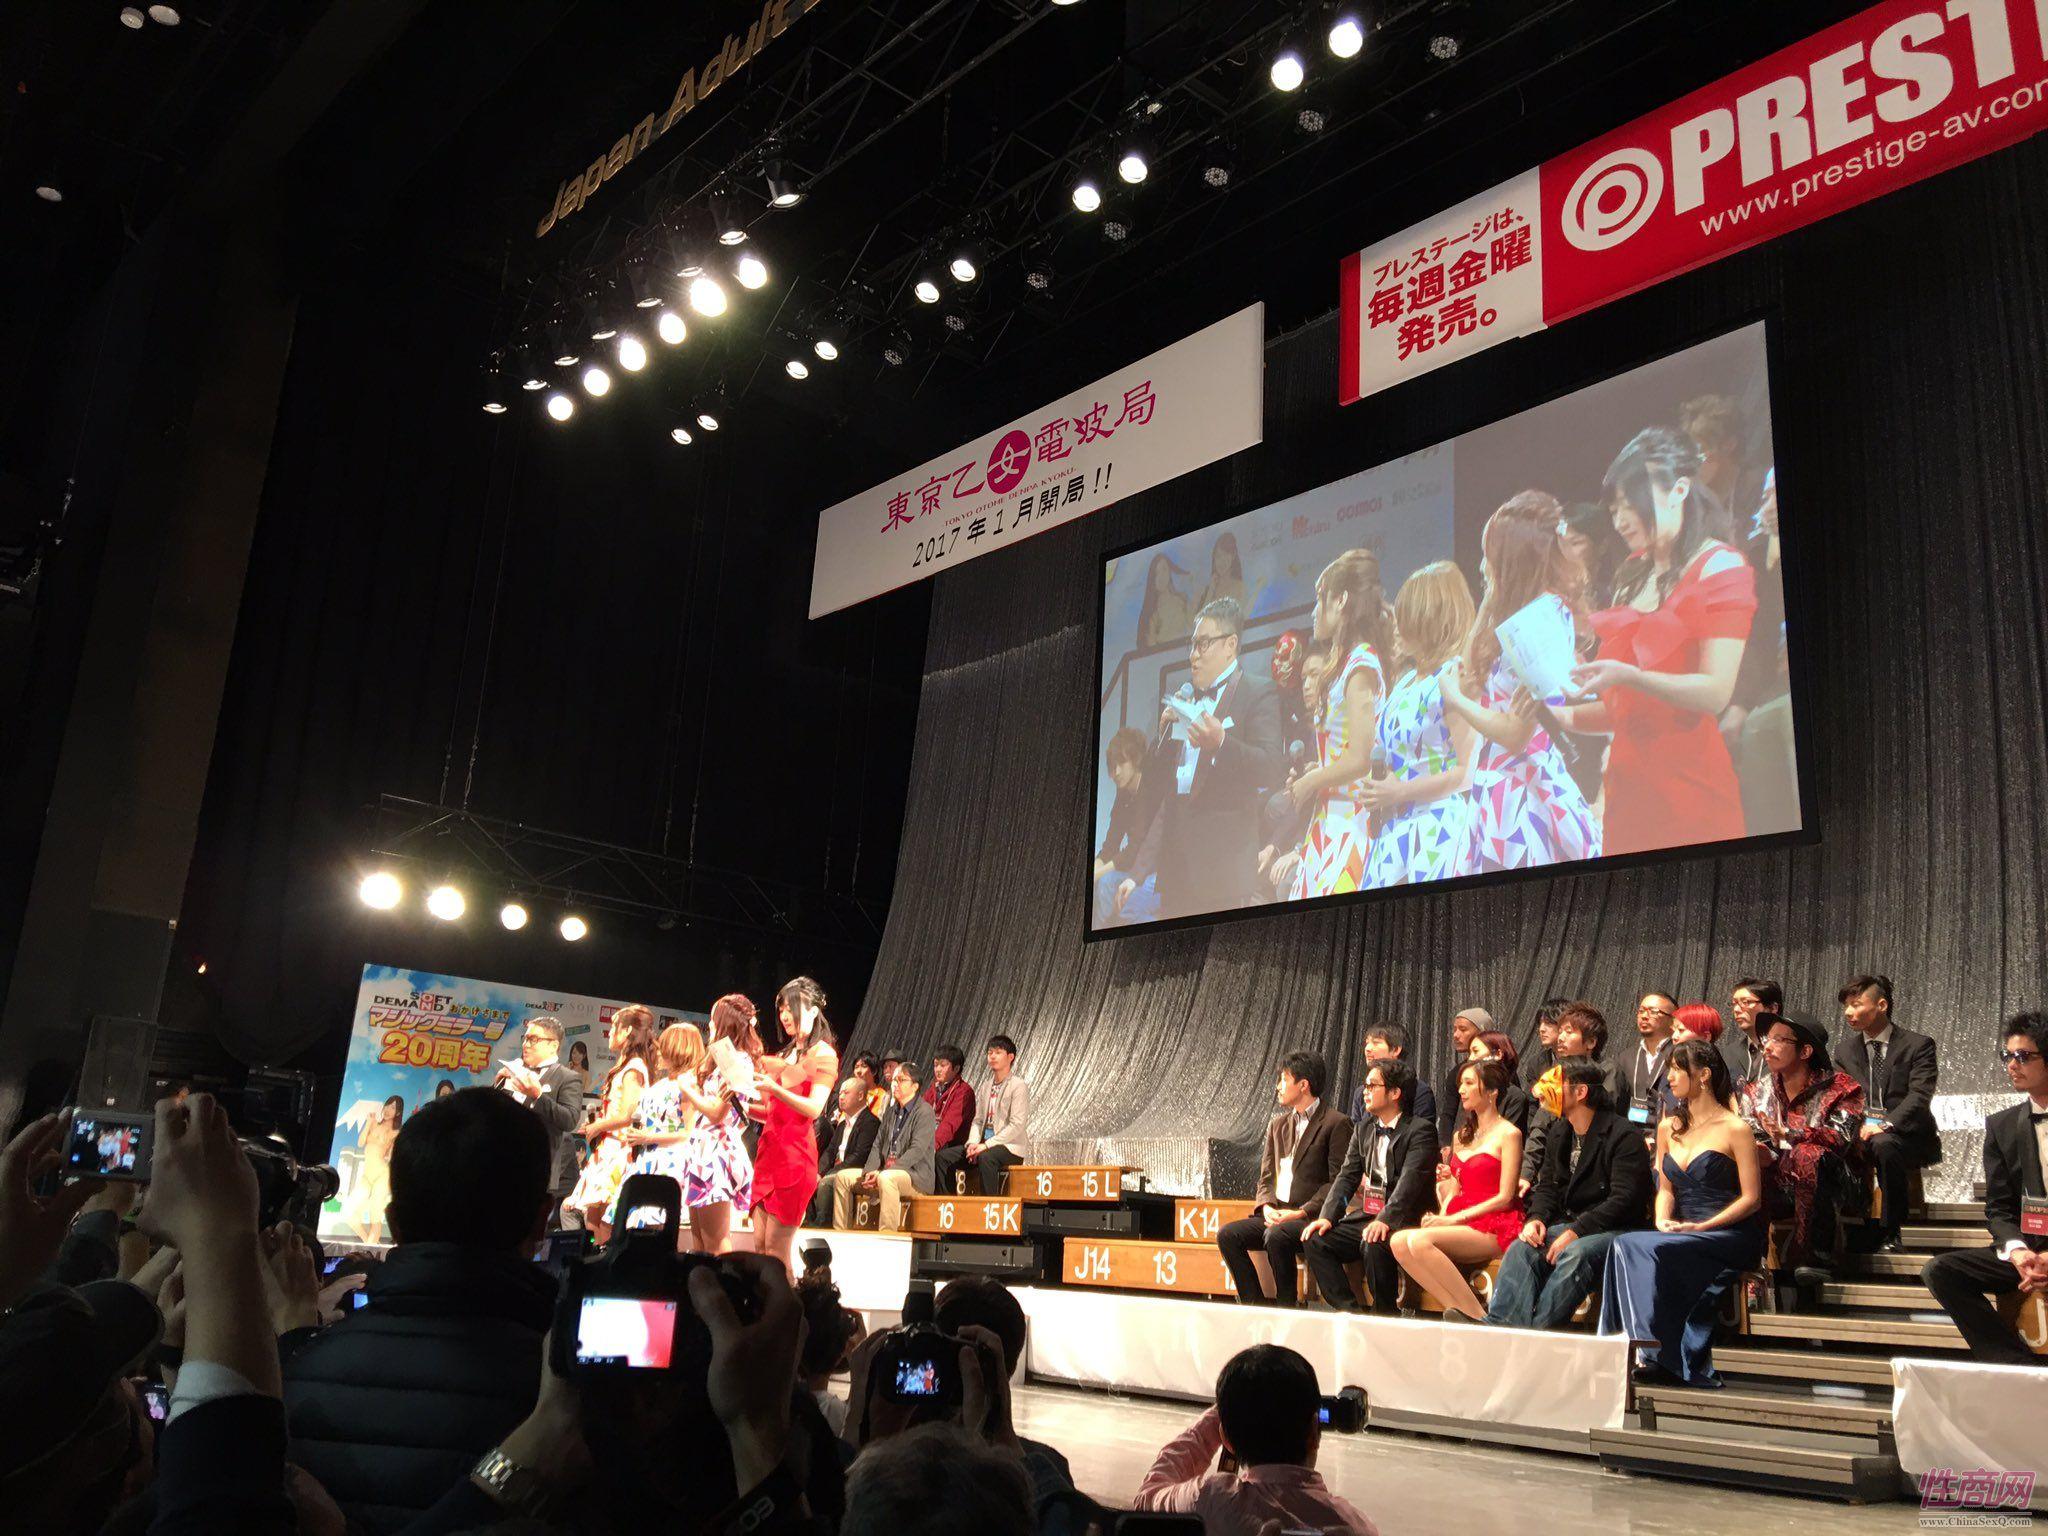 2016日本成人展JapanAdultExpo颁奖典礼2图片11